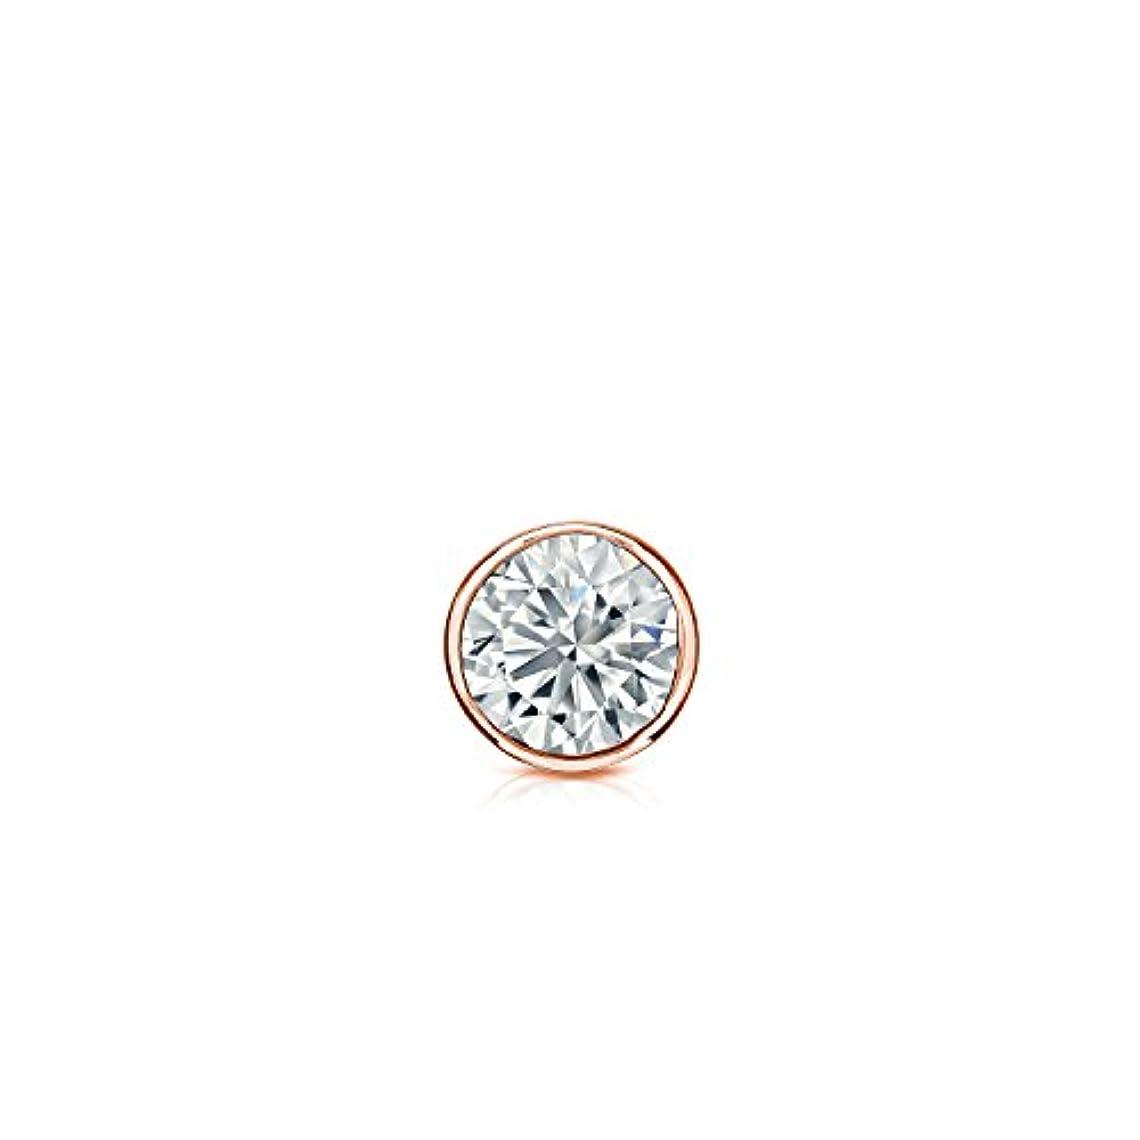 アラブ自分自身緊張14 Kゴールドbezel-setラウンドダイヤモンドシングルスタッドイヤリング( 0.08ct、Good、si1-si2 ) screw-back